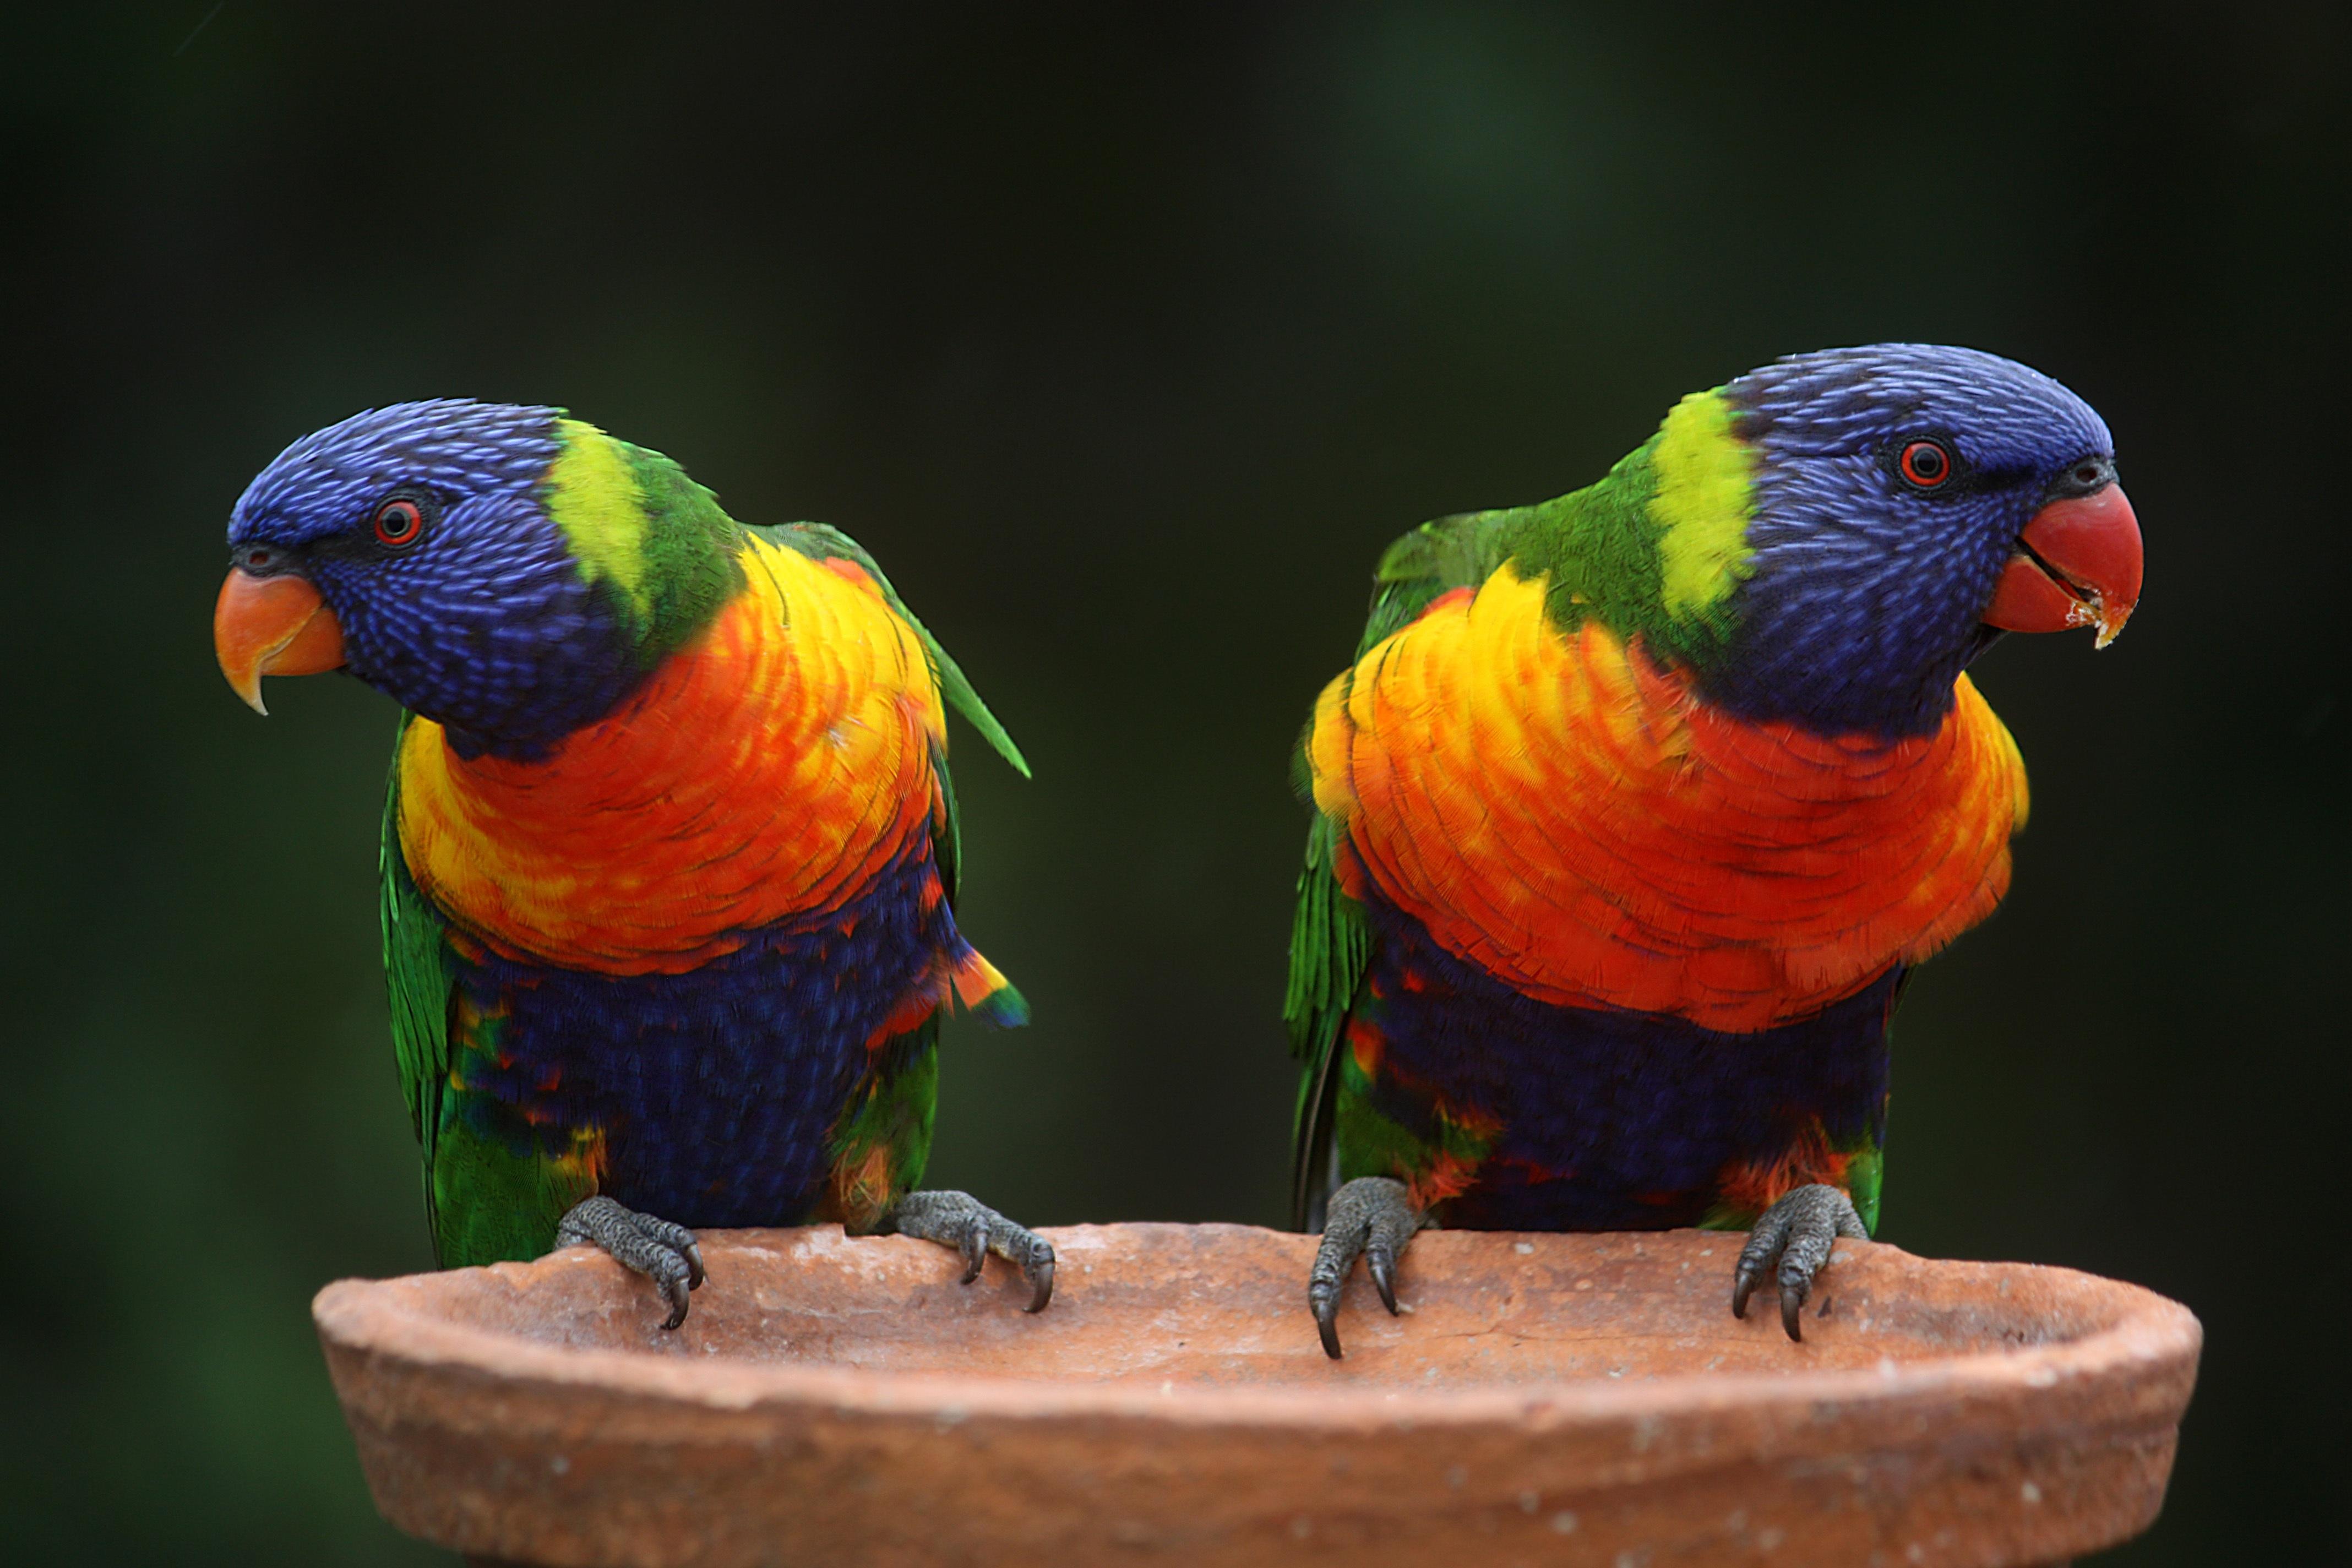 Oiseau Deux Perroquets Colorés Images Photos Gratuites destiné Images D Oiseaux Gratuites